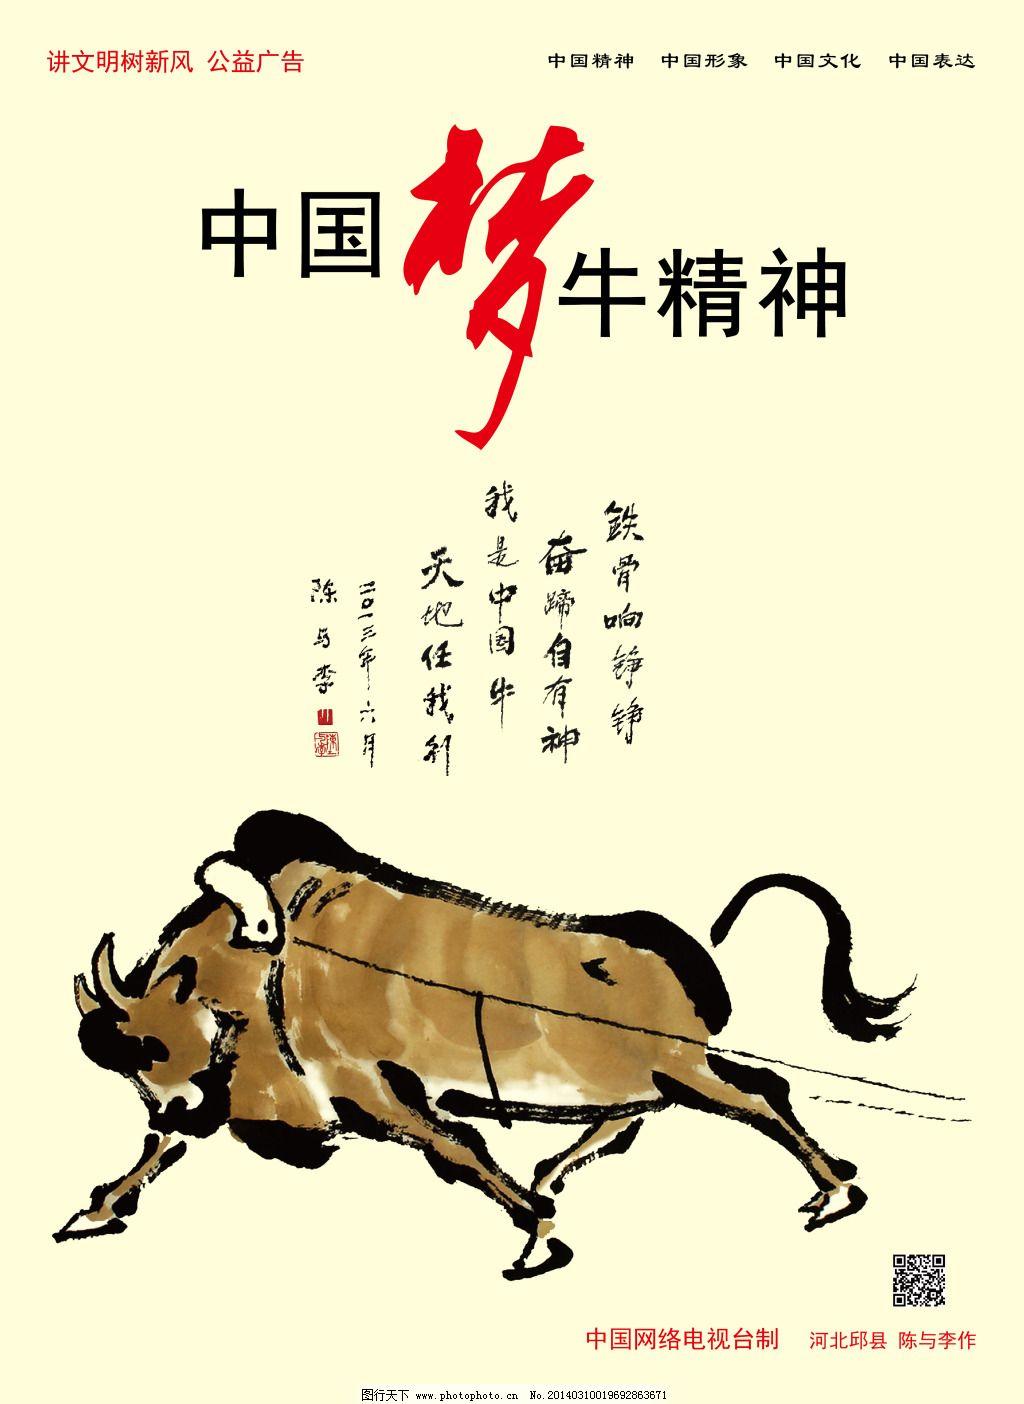 公益广告 中国梦系列 公益广告 中国梦牛精神 图片素材 文化艺术